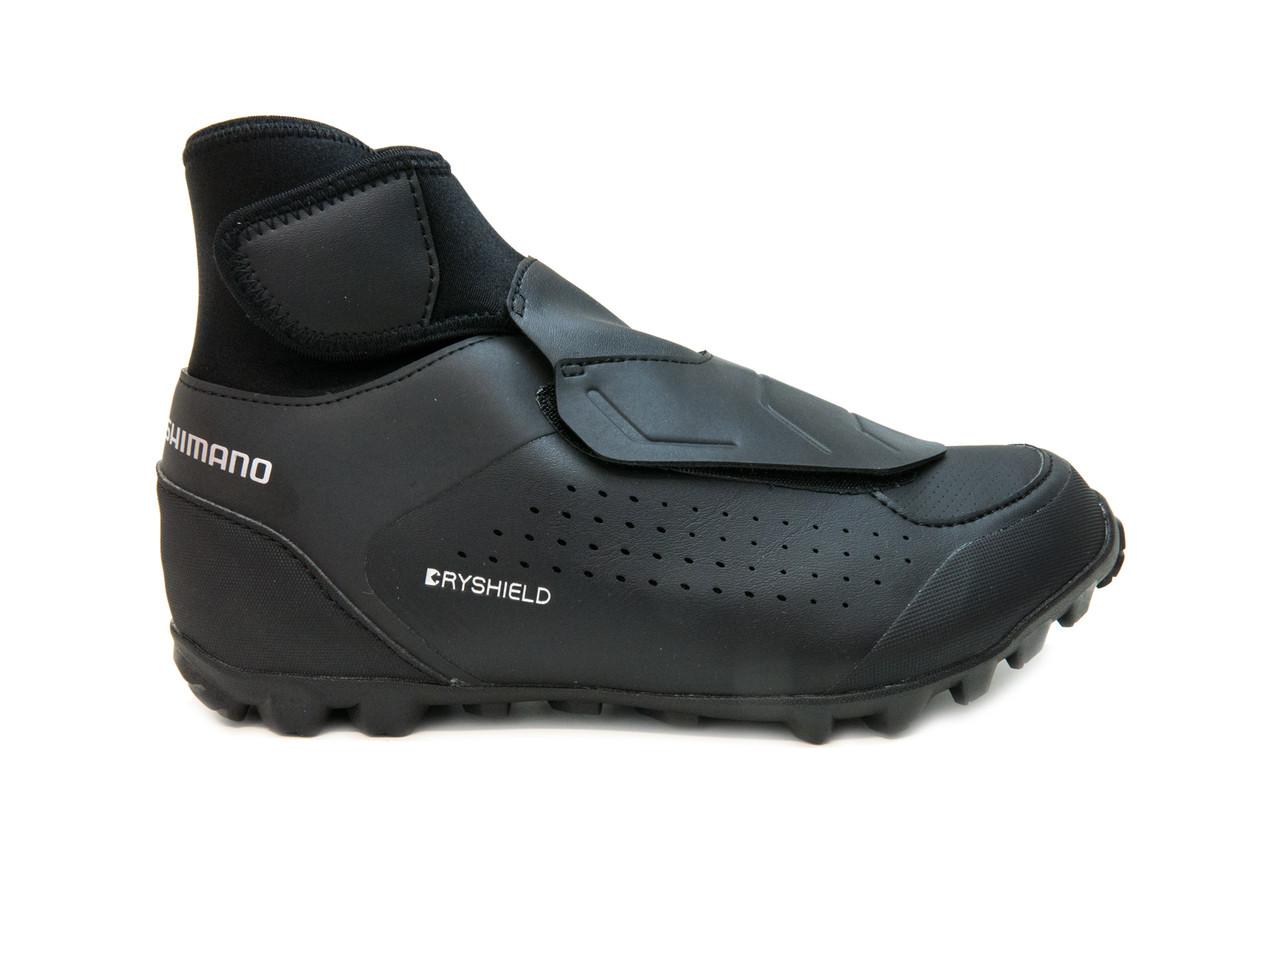 SH-MW501 Shimano MW5 Winter Mountain Bike MTB Cycling Shoes Black 48 US 12.3